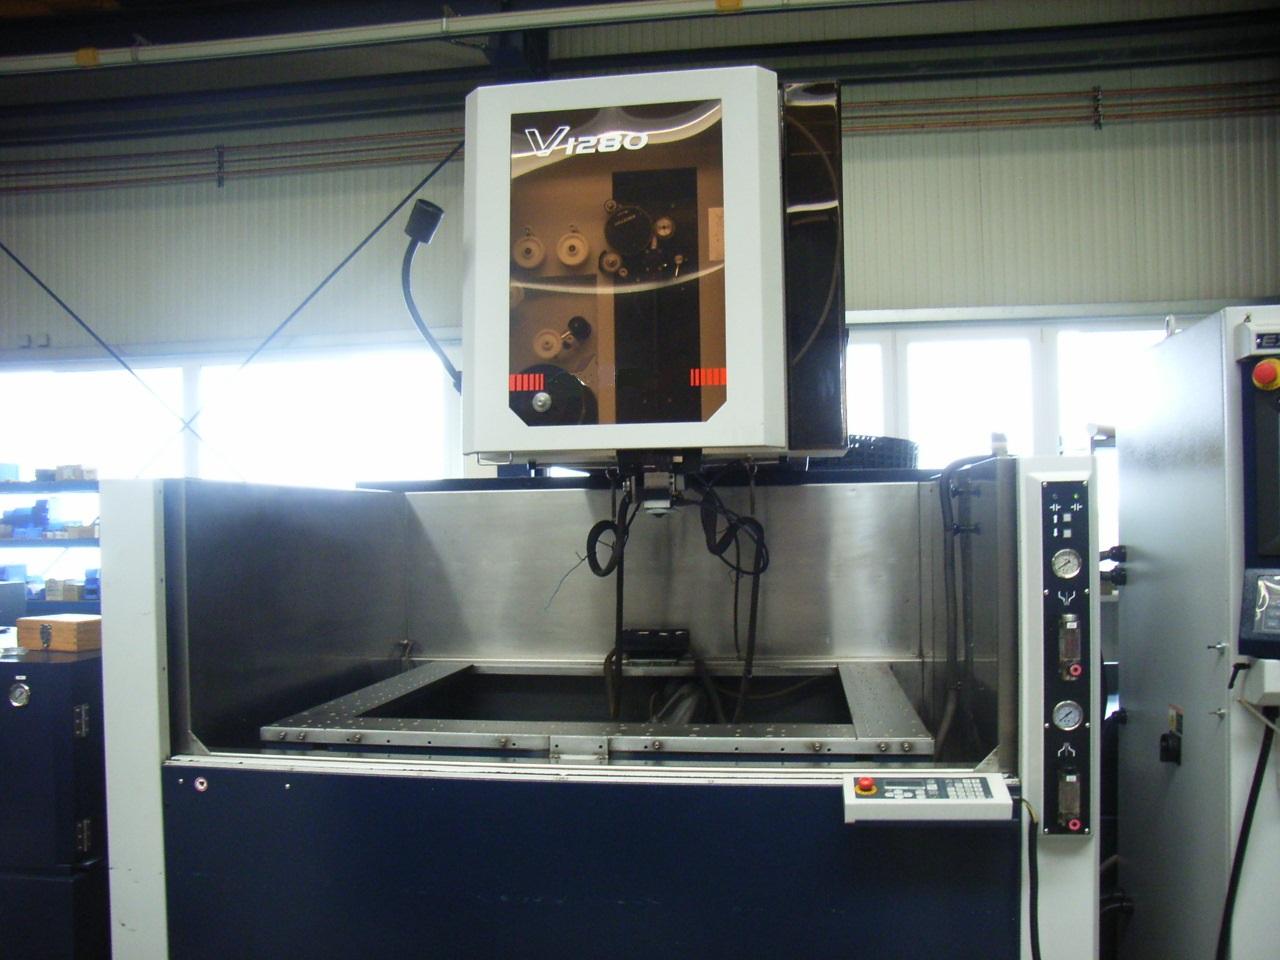 EXCETEK V1280 - Rok výroby: 2009